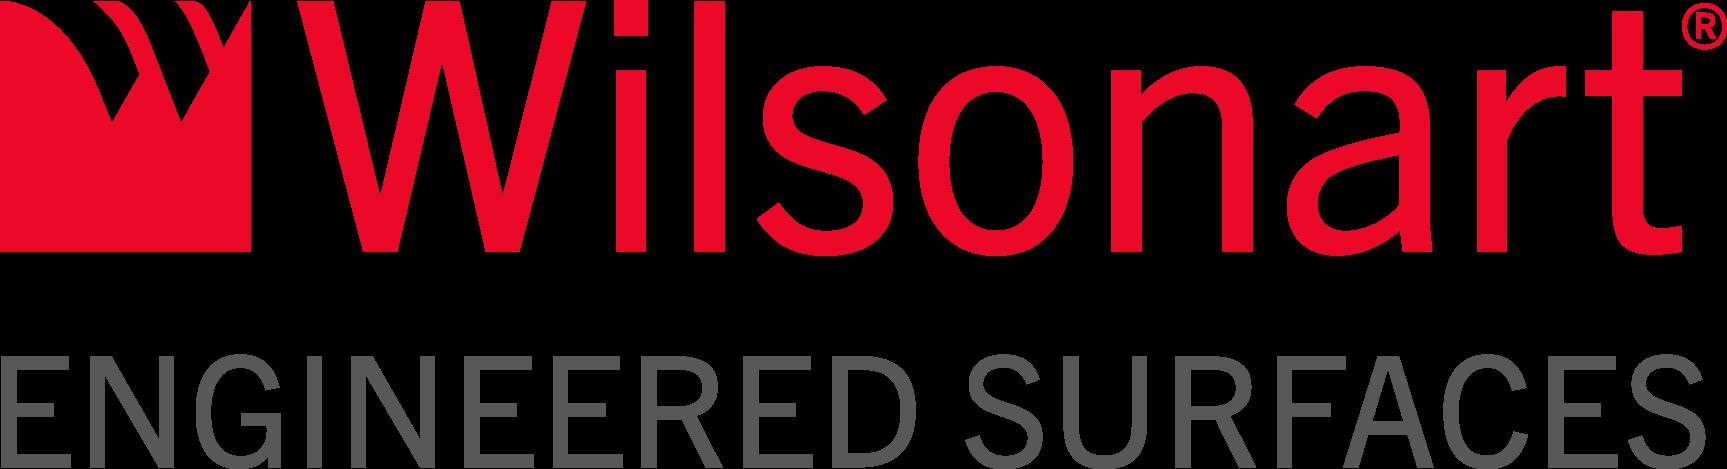 Wilsonart_logo-Wilsonart-ES-OUTLINE